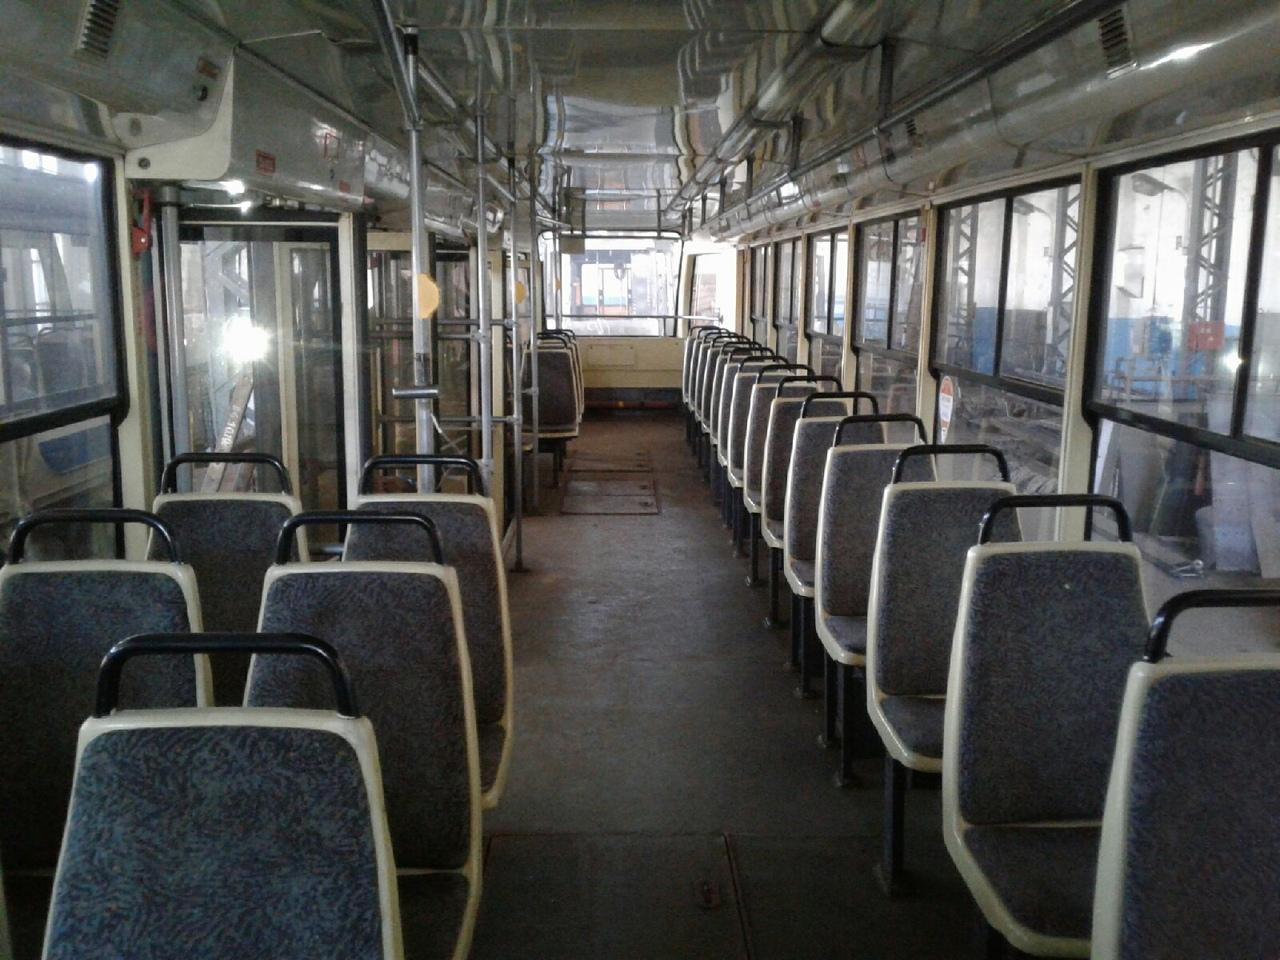 В Омск привезли предпоследнюю партию трамваев из Москвы #Омск #Общество #Сегодня